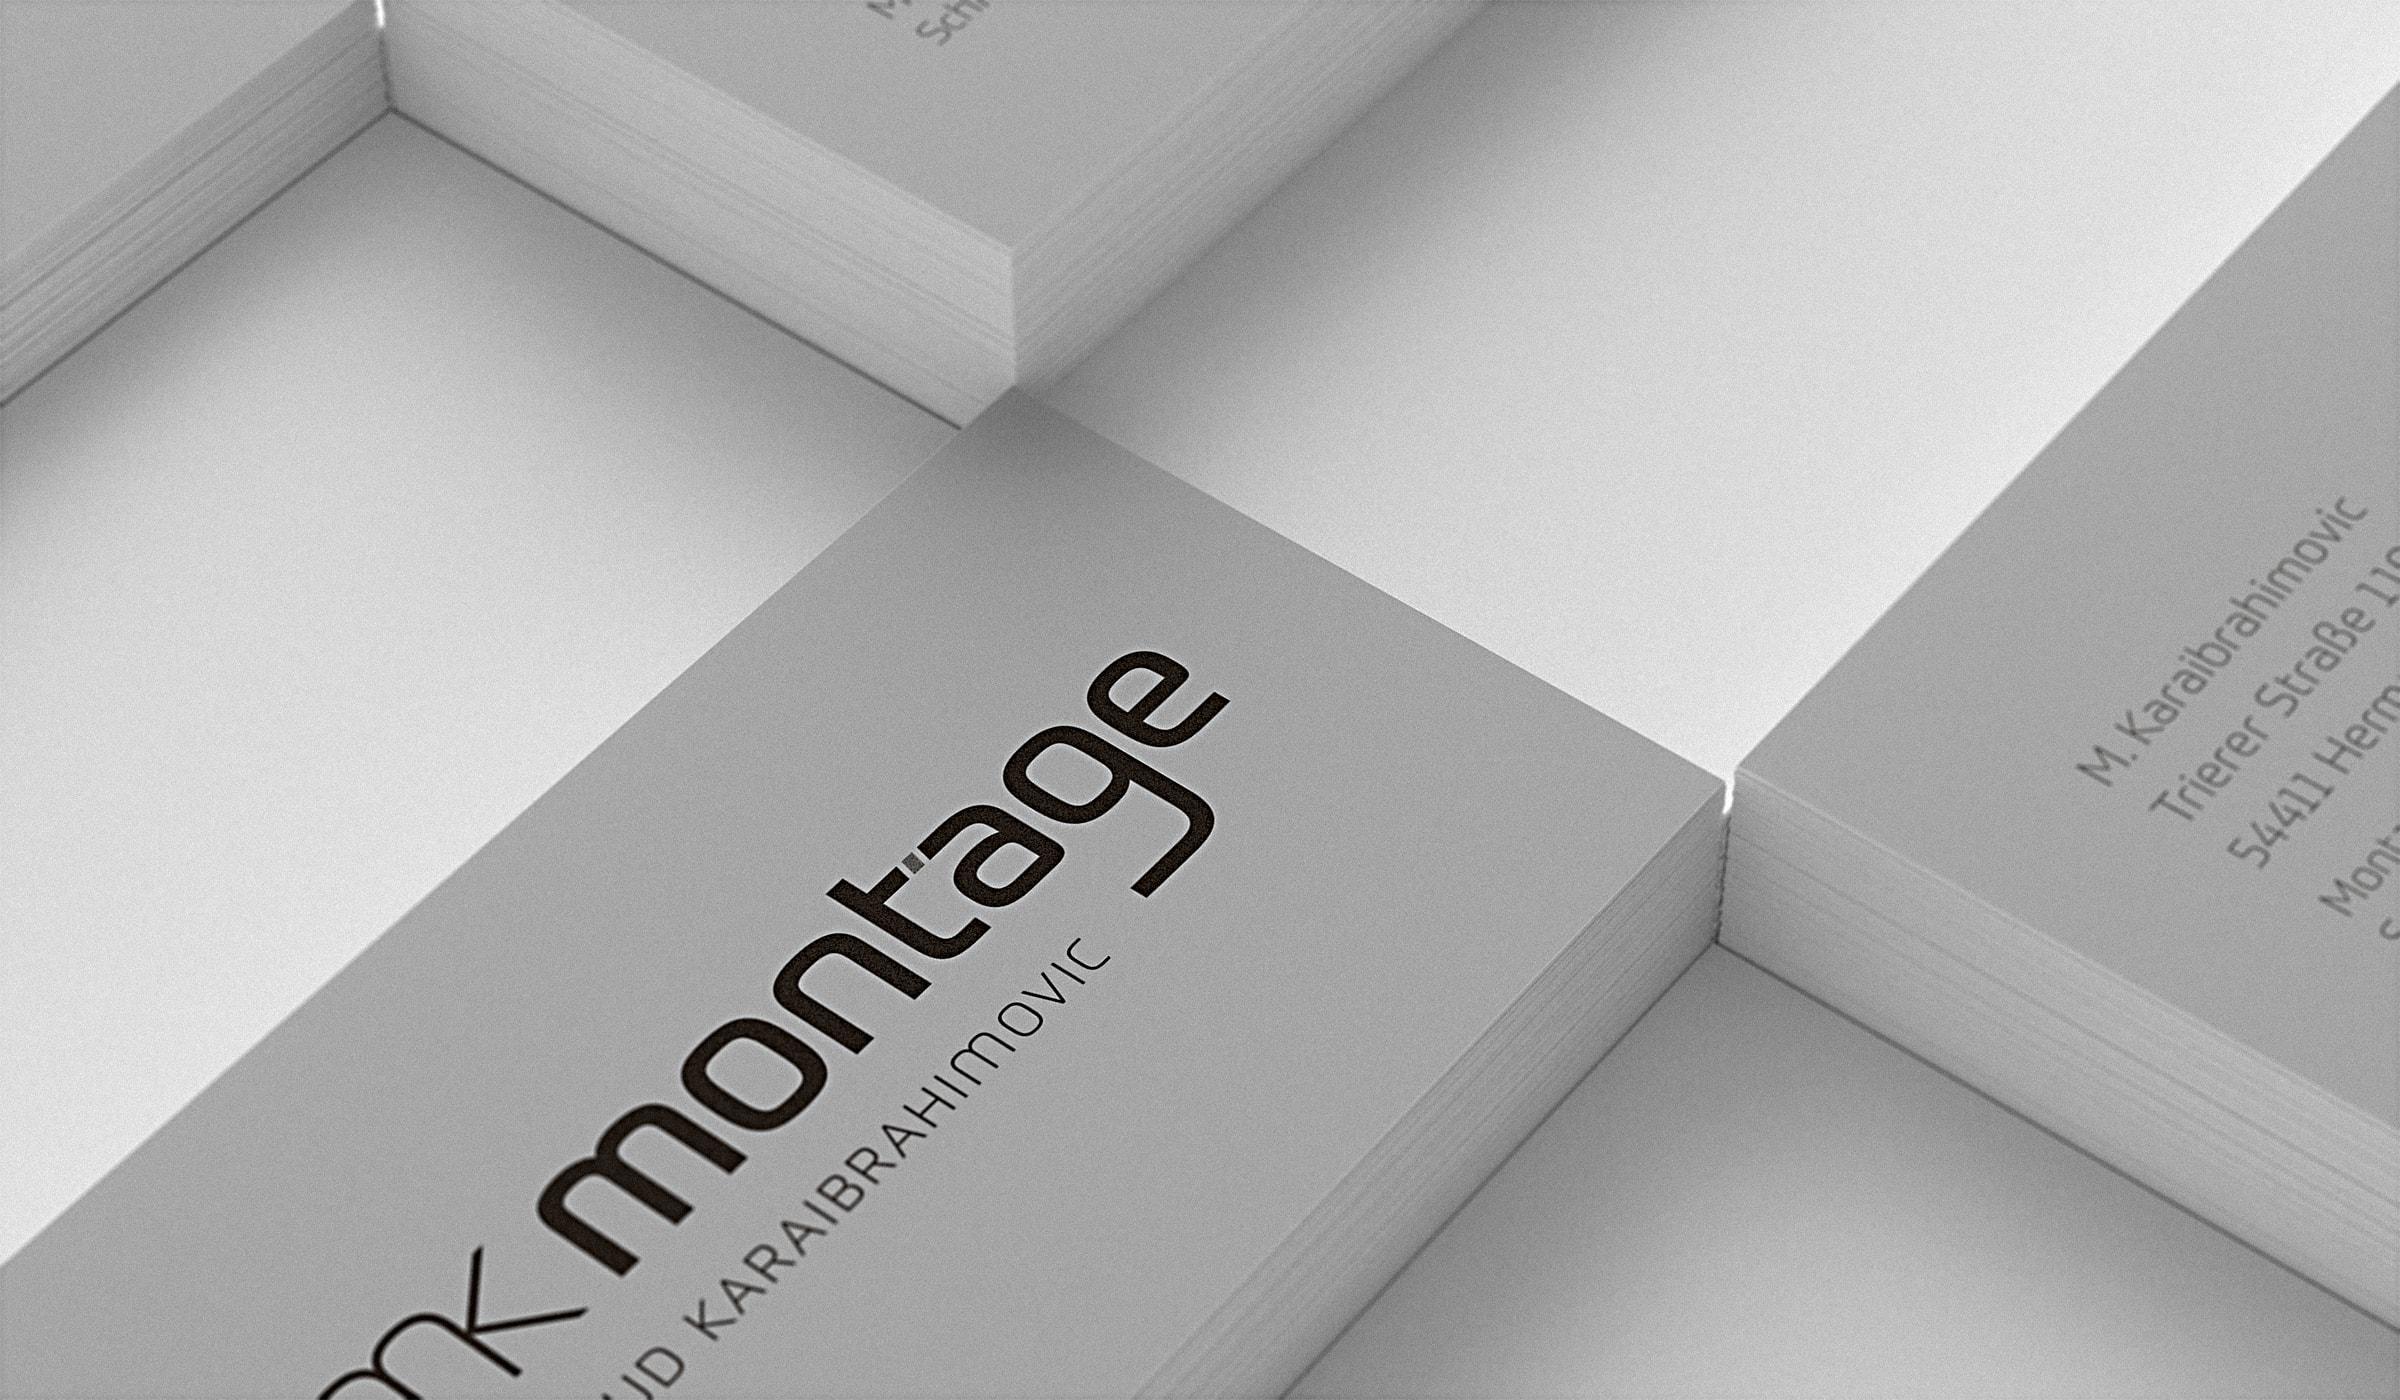 Firmenauftritt und Logo für einen Handwerksbetrieb in Hermeskeil entwickelt durch die Werbeagentur mieker - Konzept Design Strategie. Die Visitenkarten sind auf Recyclingkarton gedruckt und zeichnen sich durch ein Sonderformat aus, welches die Wirkung des Logos unterstützt und trotz allem hervorragend in die Geldbörse passt. Bestandteile des Firmenauftrittes: Grafikdesign, Logodesign, Corporate Design, Visitenkarten, Briefpapier, Briefumschläge, Geschäftspapierausstattung, Design Textildruck, Werbemittel, Werbung. Regionen: Hermeskeil, Trier, Luxemburg.